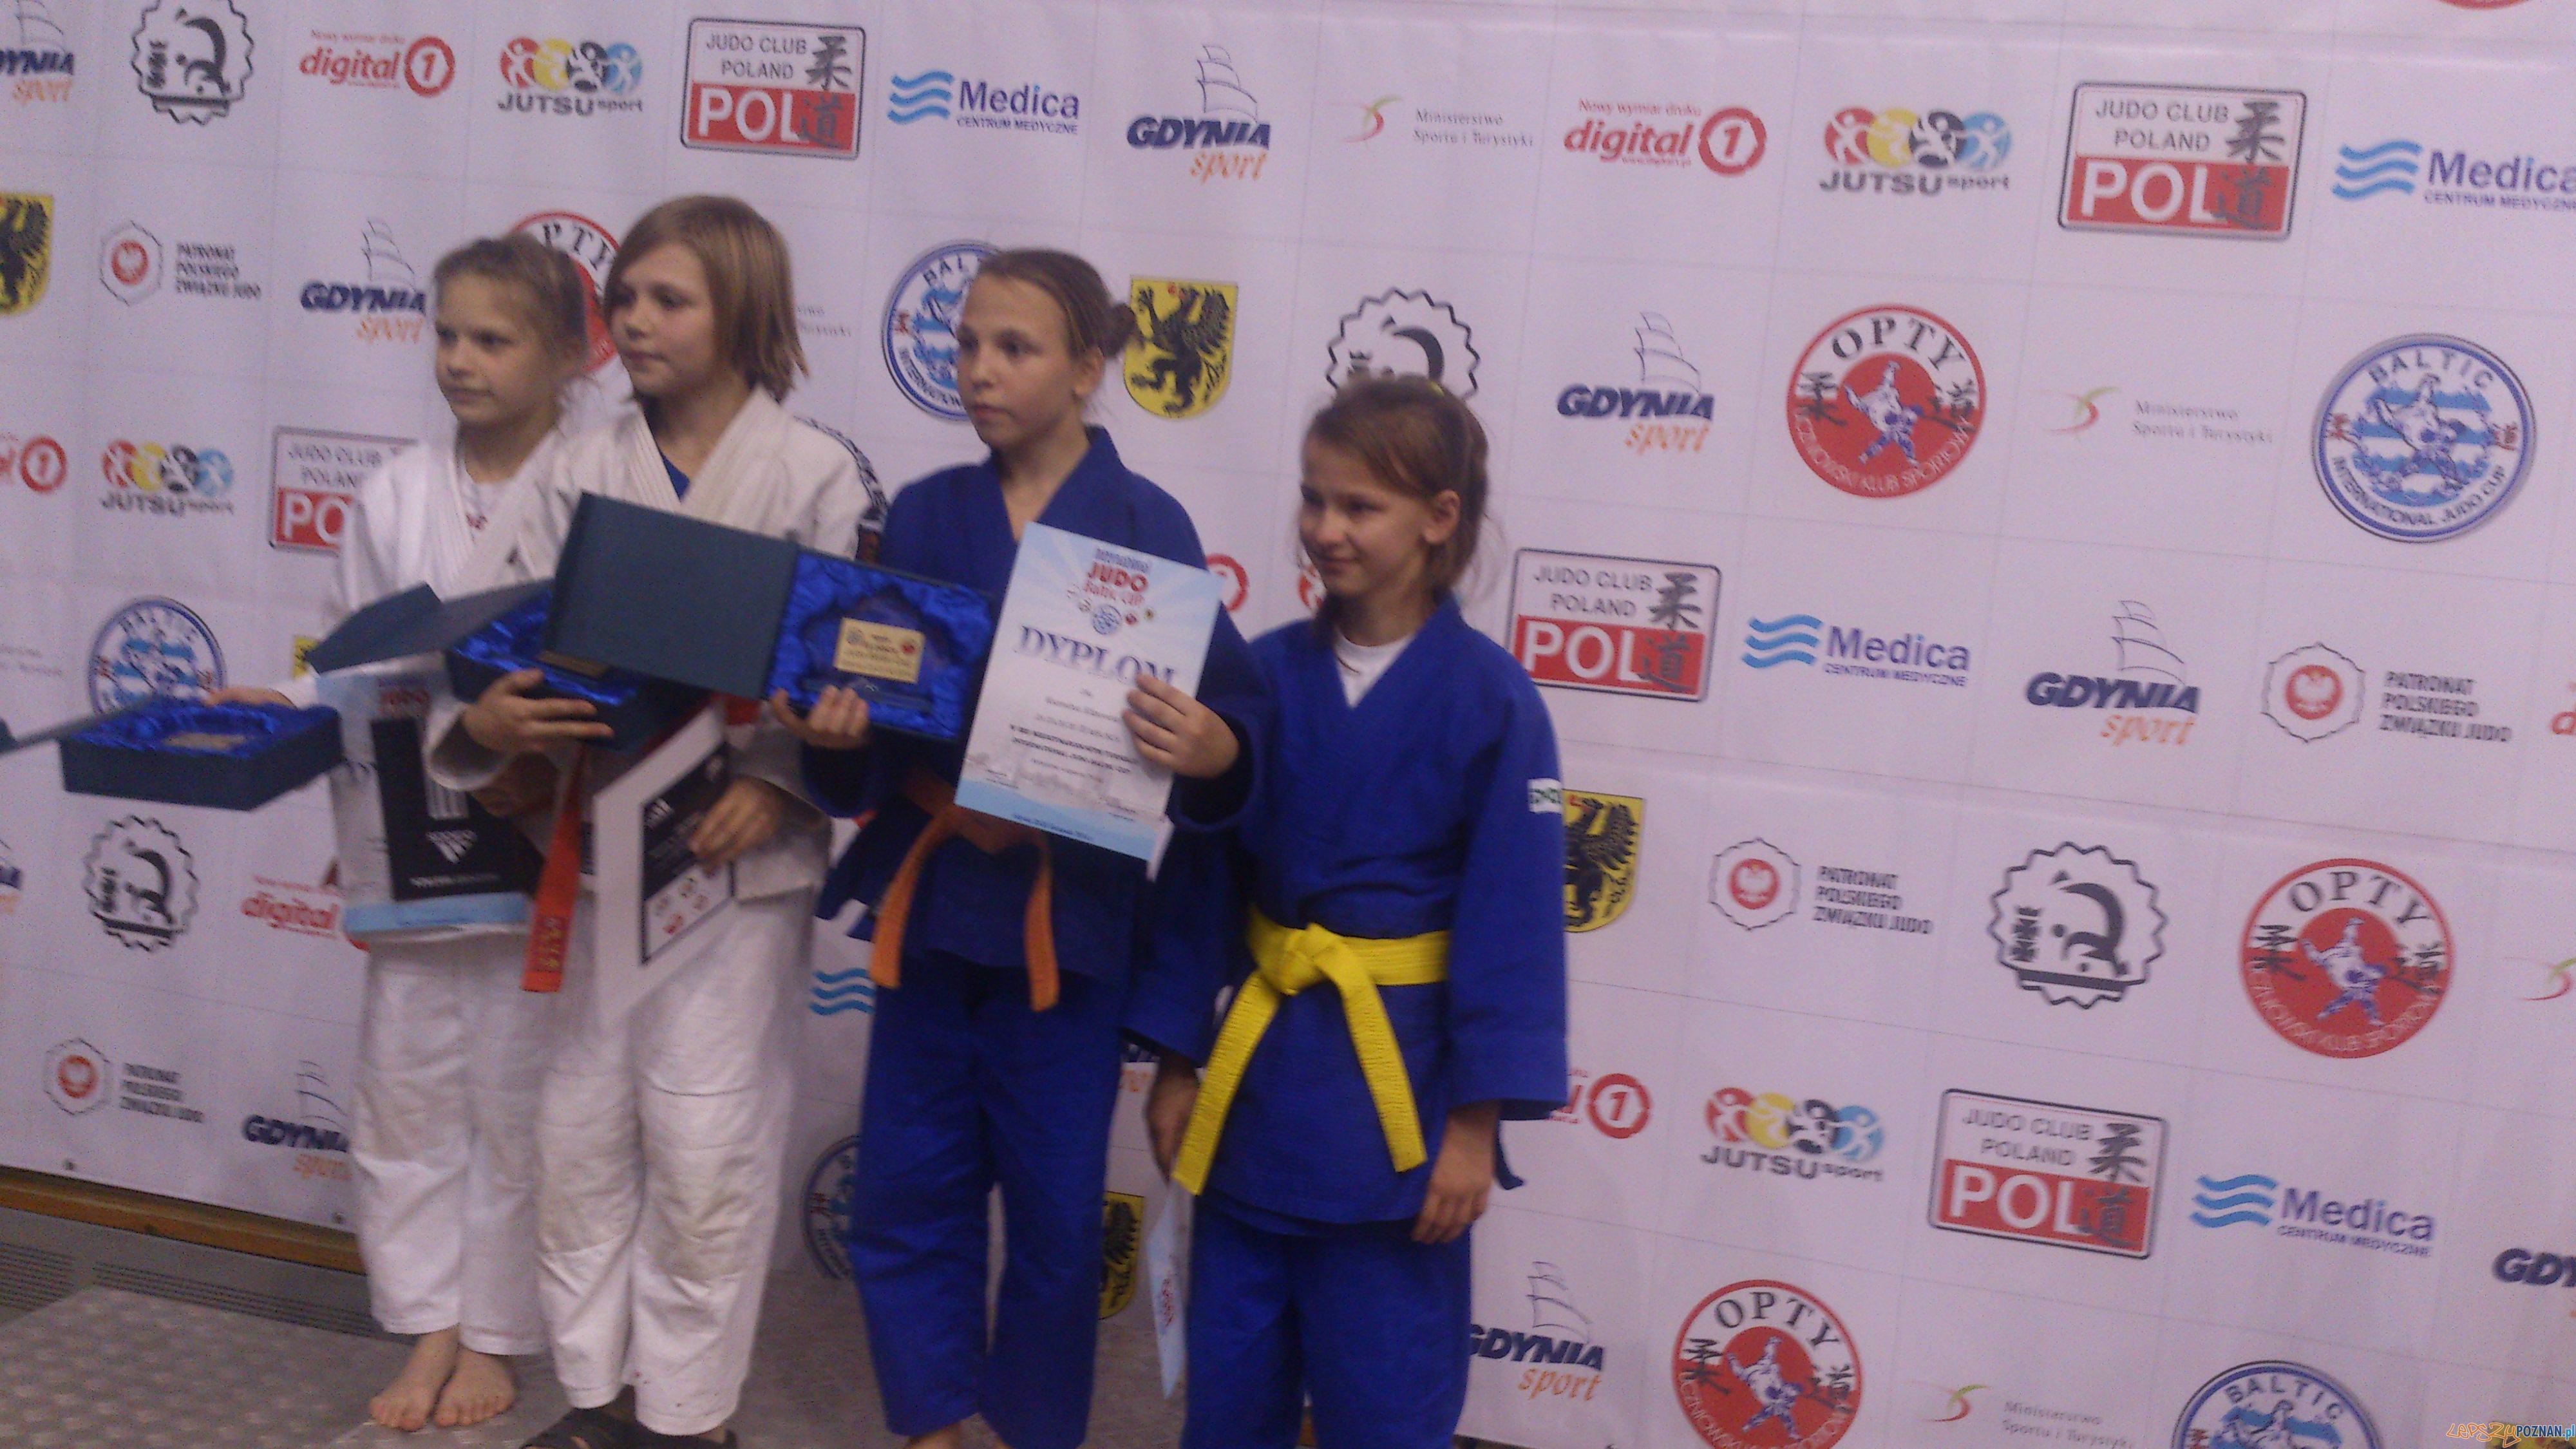 Zawodnicy Akademii Judo na zawodach w Gdynii  Foto: Akademia Judo